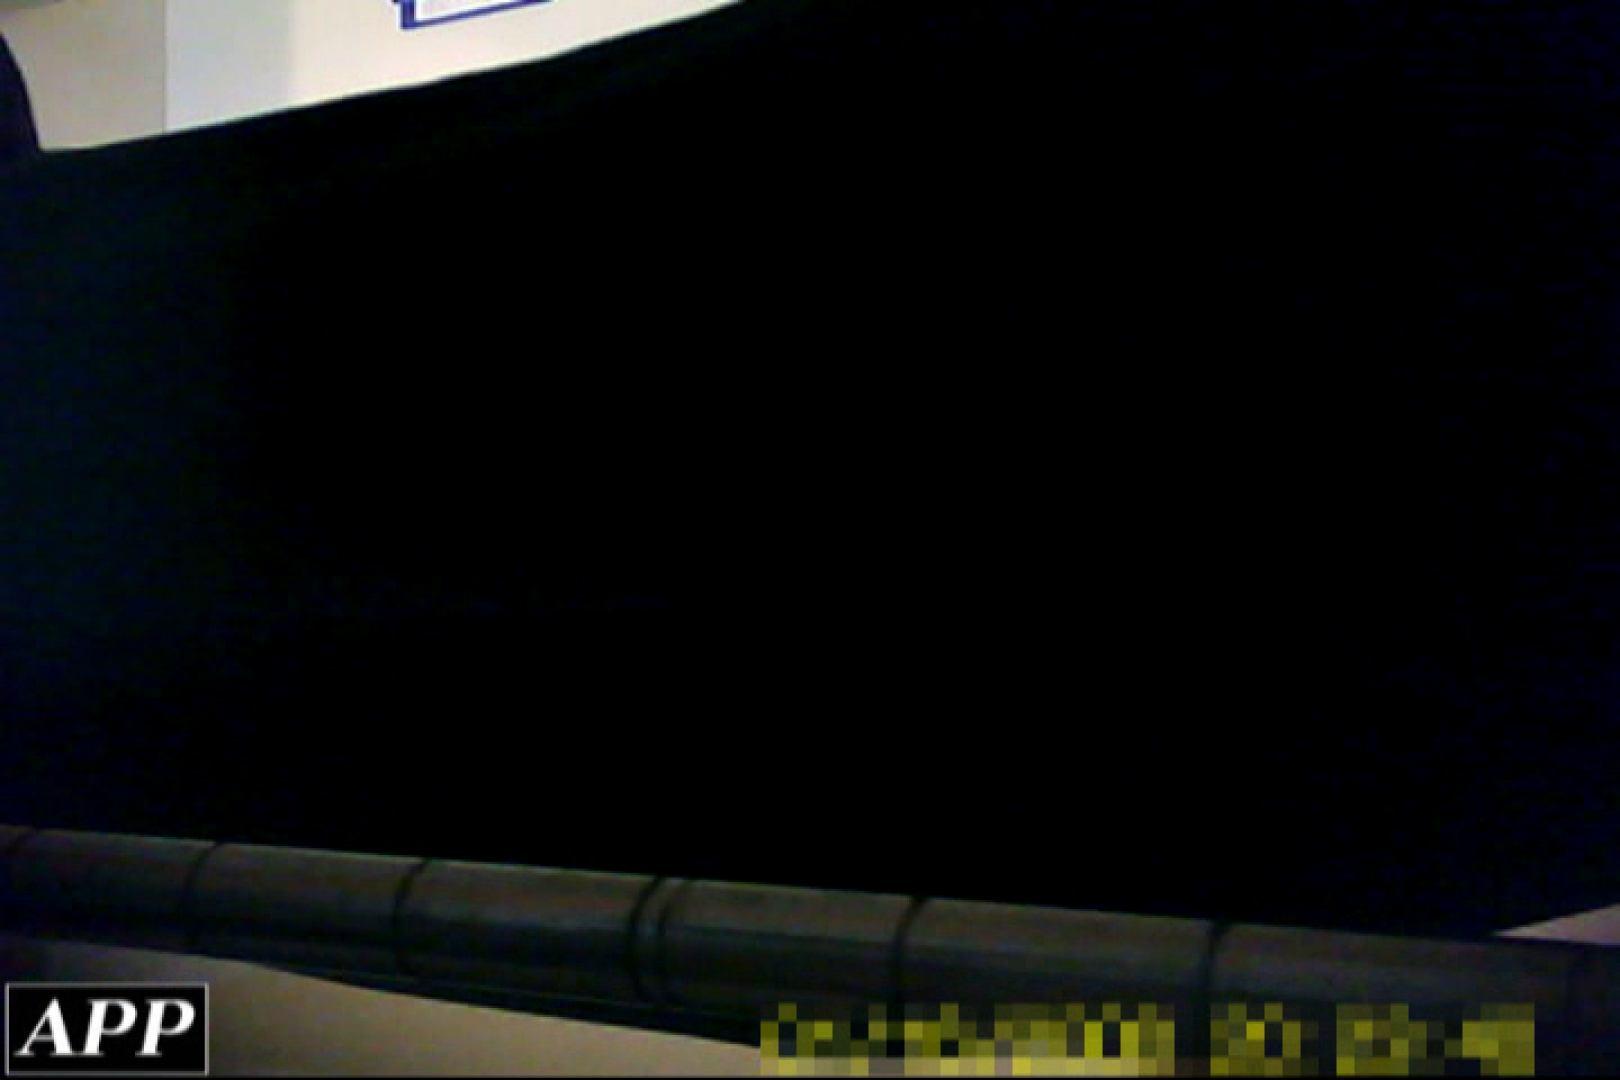 3視点洗面所 vol.122 洗面所 | オマンコ  66画像 16